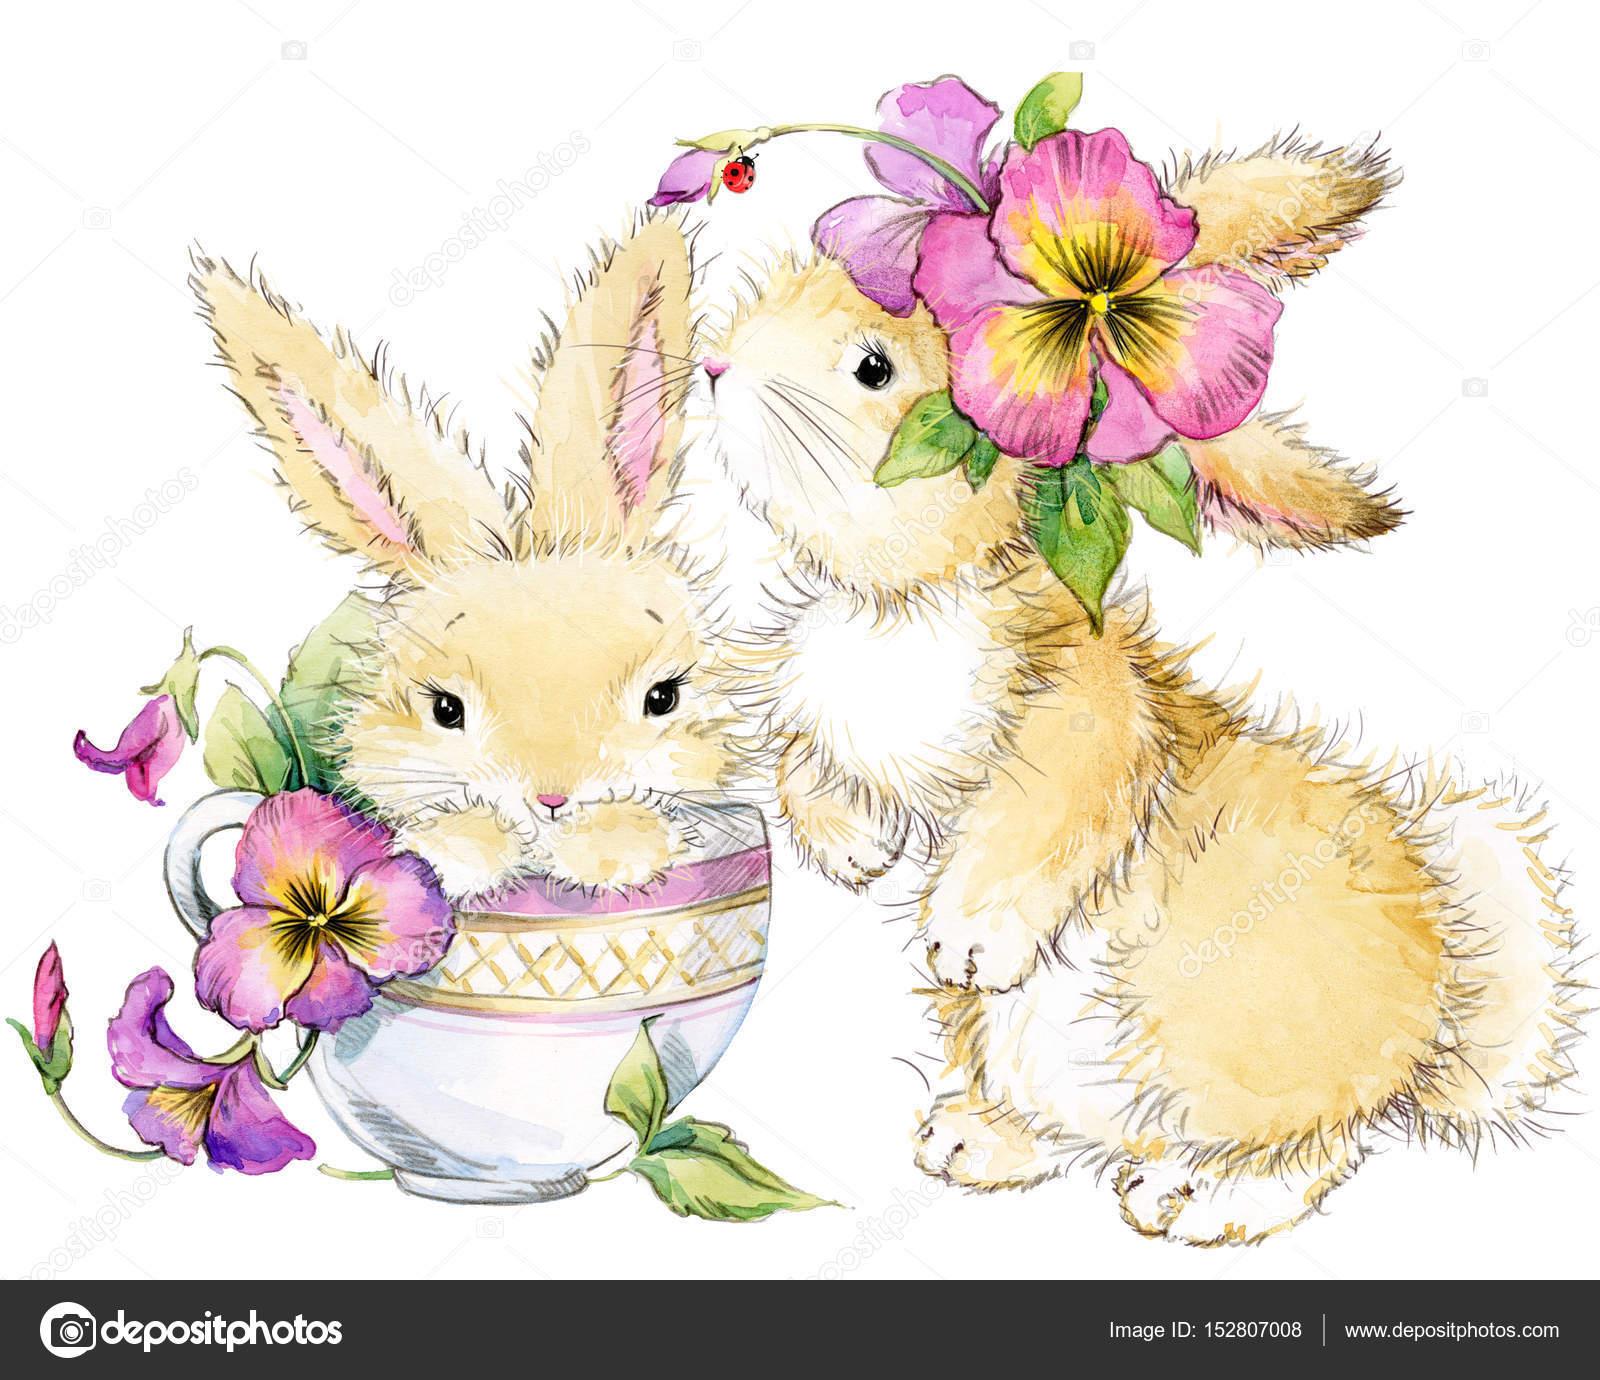 かわいいうさぎ。ウサギの水彩画イラスト \u2014 [著者]の写真 dobrynina_art